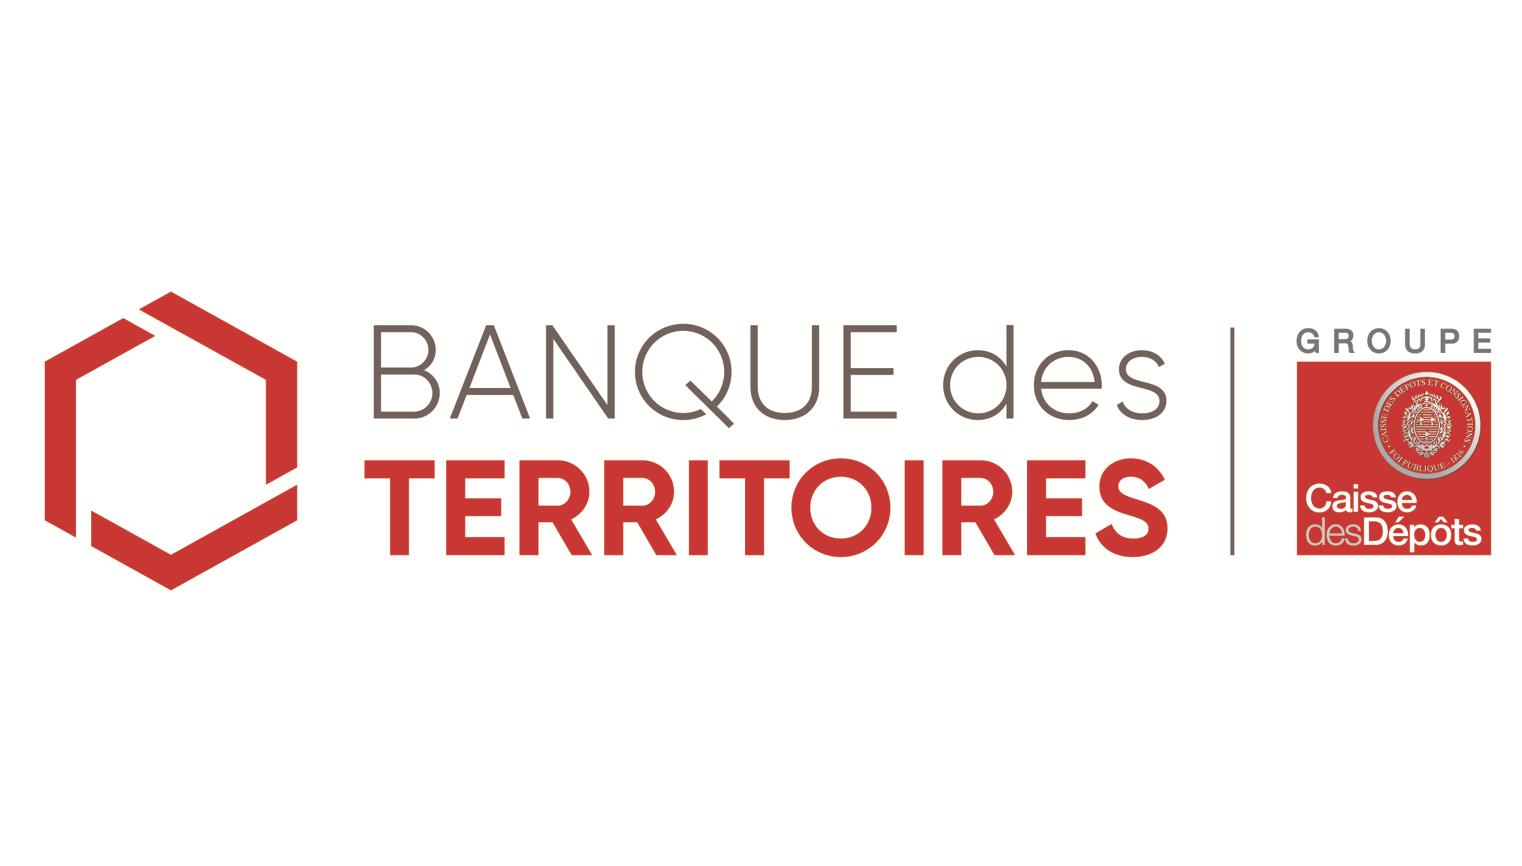 logo caisse des dépôts banque des territoires